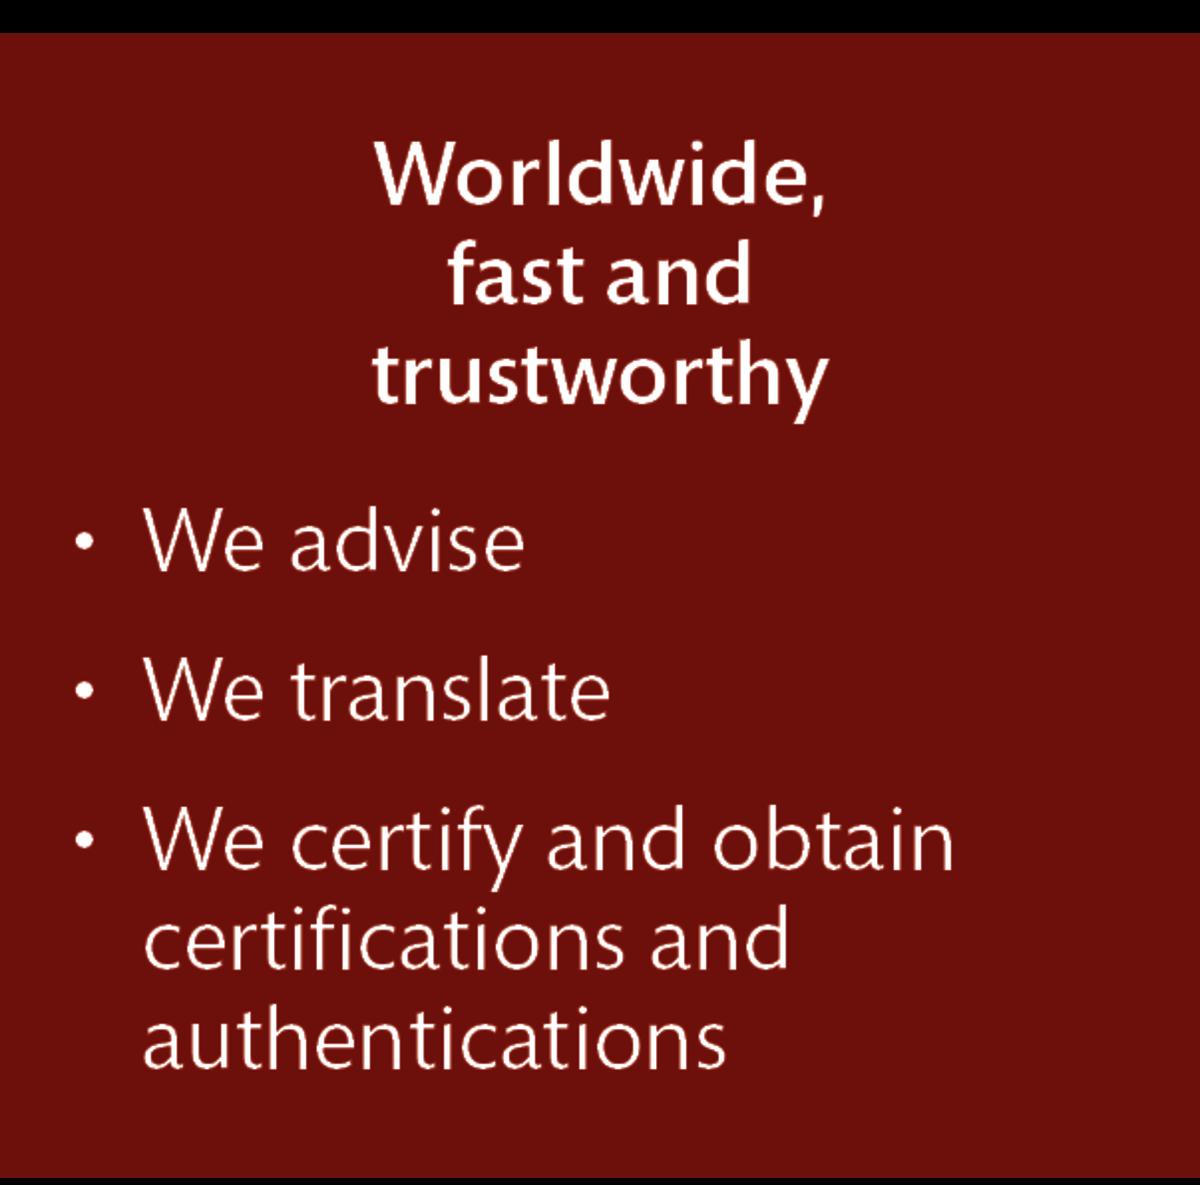 LT Lawtank - Certified translations - Worldwide, fast, trustworthy